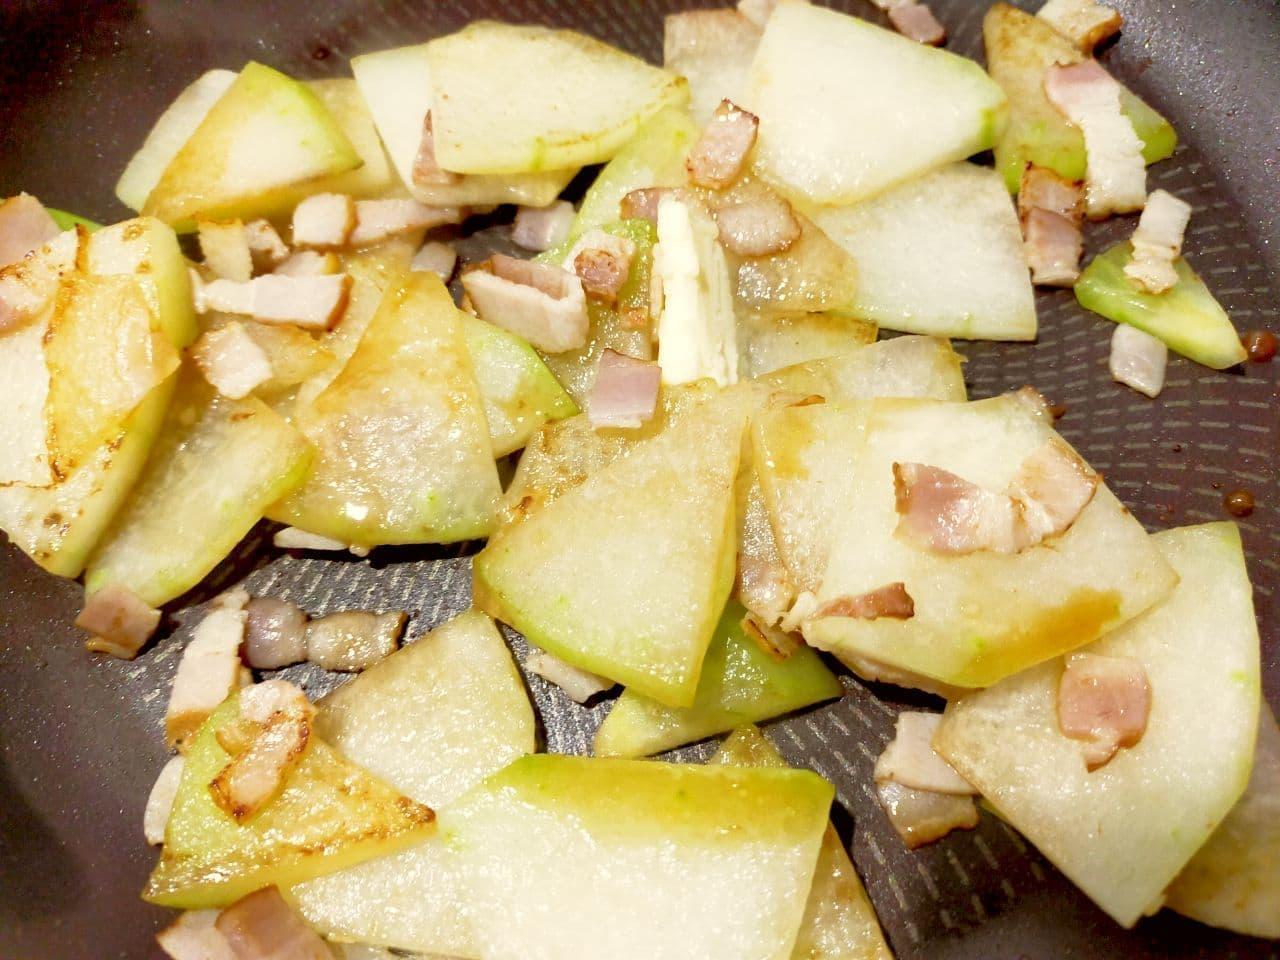 「冬瓜とベーコンのガーリックバター炒め」レシピ